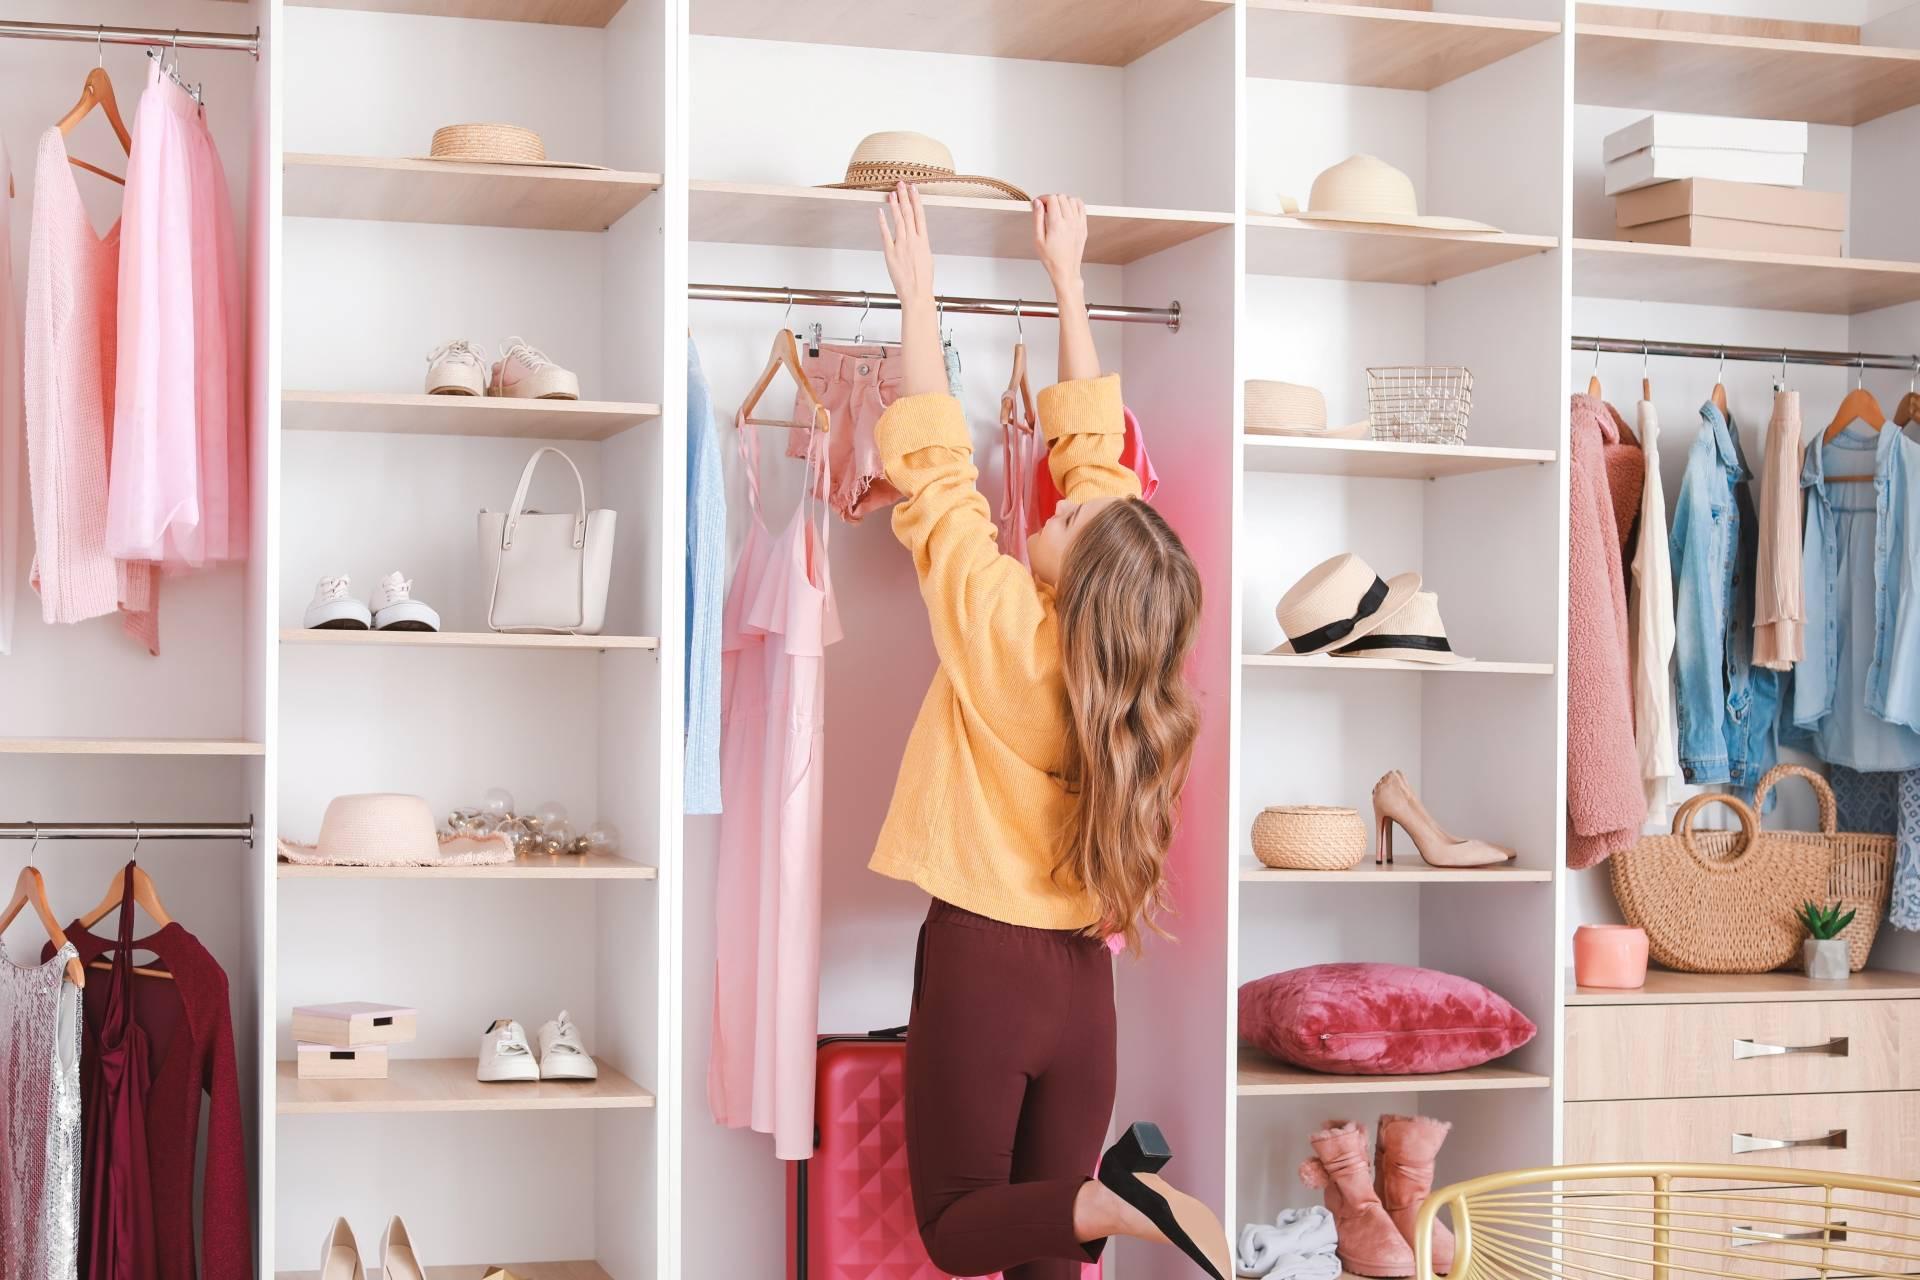 Porządki w szafie - na czym polega minimalizm? Kobieta układa ubrania w swojej garderobie.